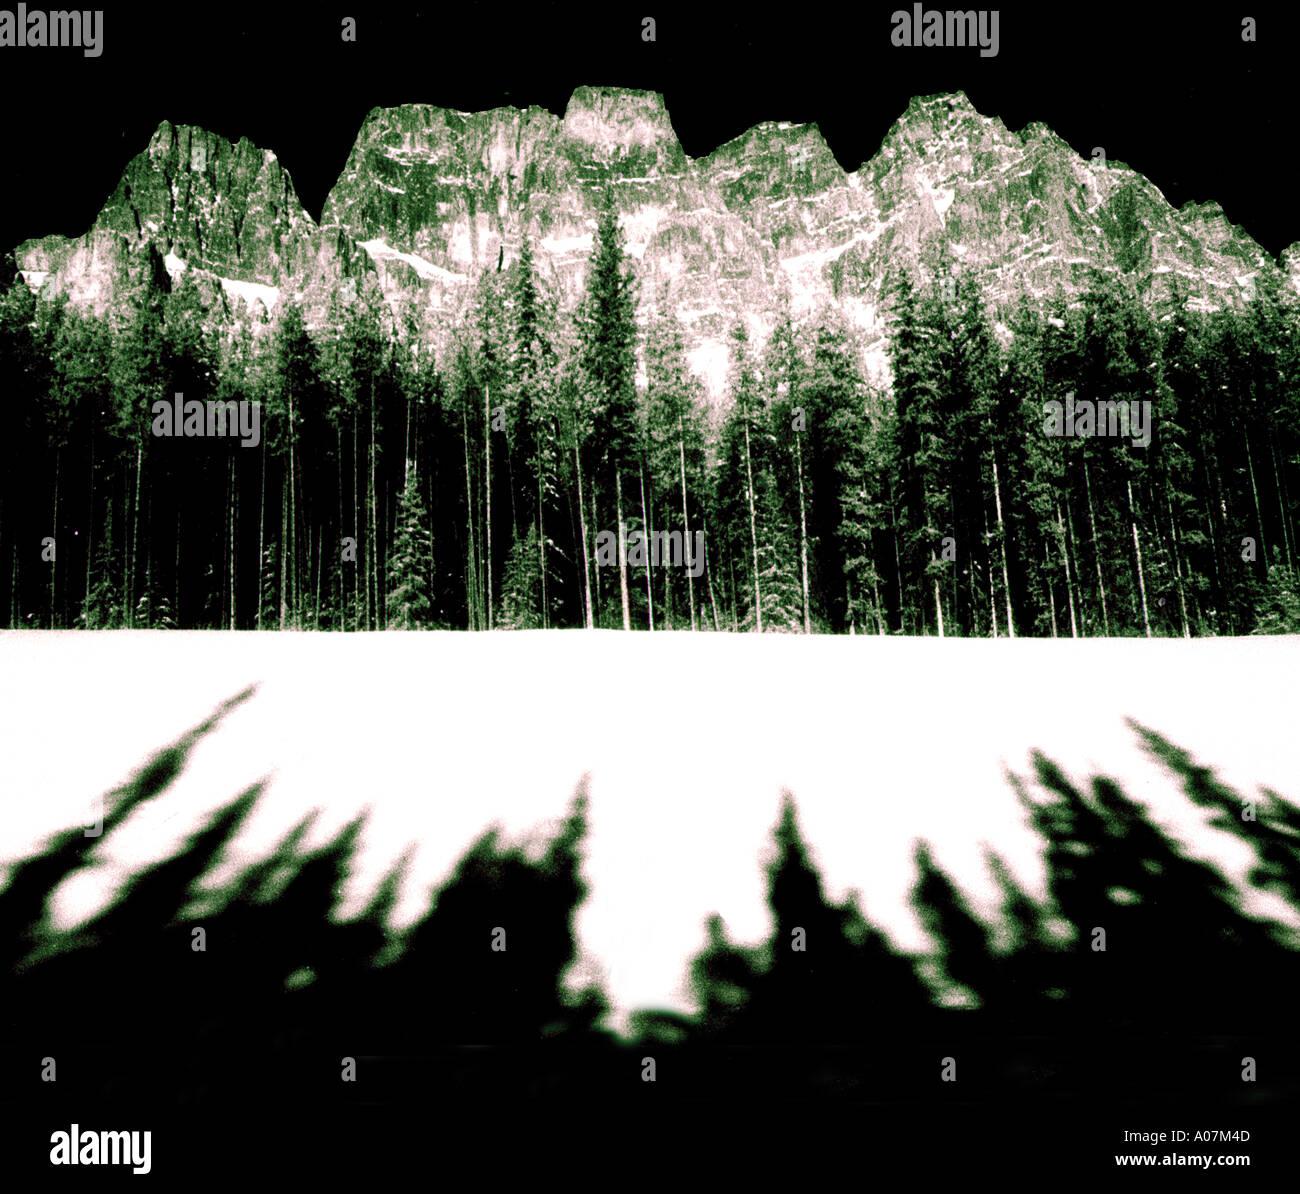 Herausforderung, Fußabdruck, Horizontal, Natur, schwarz und weiß, Frankreich, Baum, Tag, Schnee, Sanddüne, Haute-Savoie, isoliert, Menschen. Stockbild